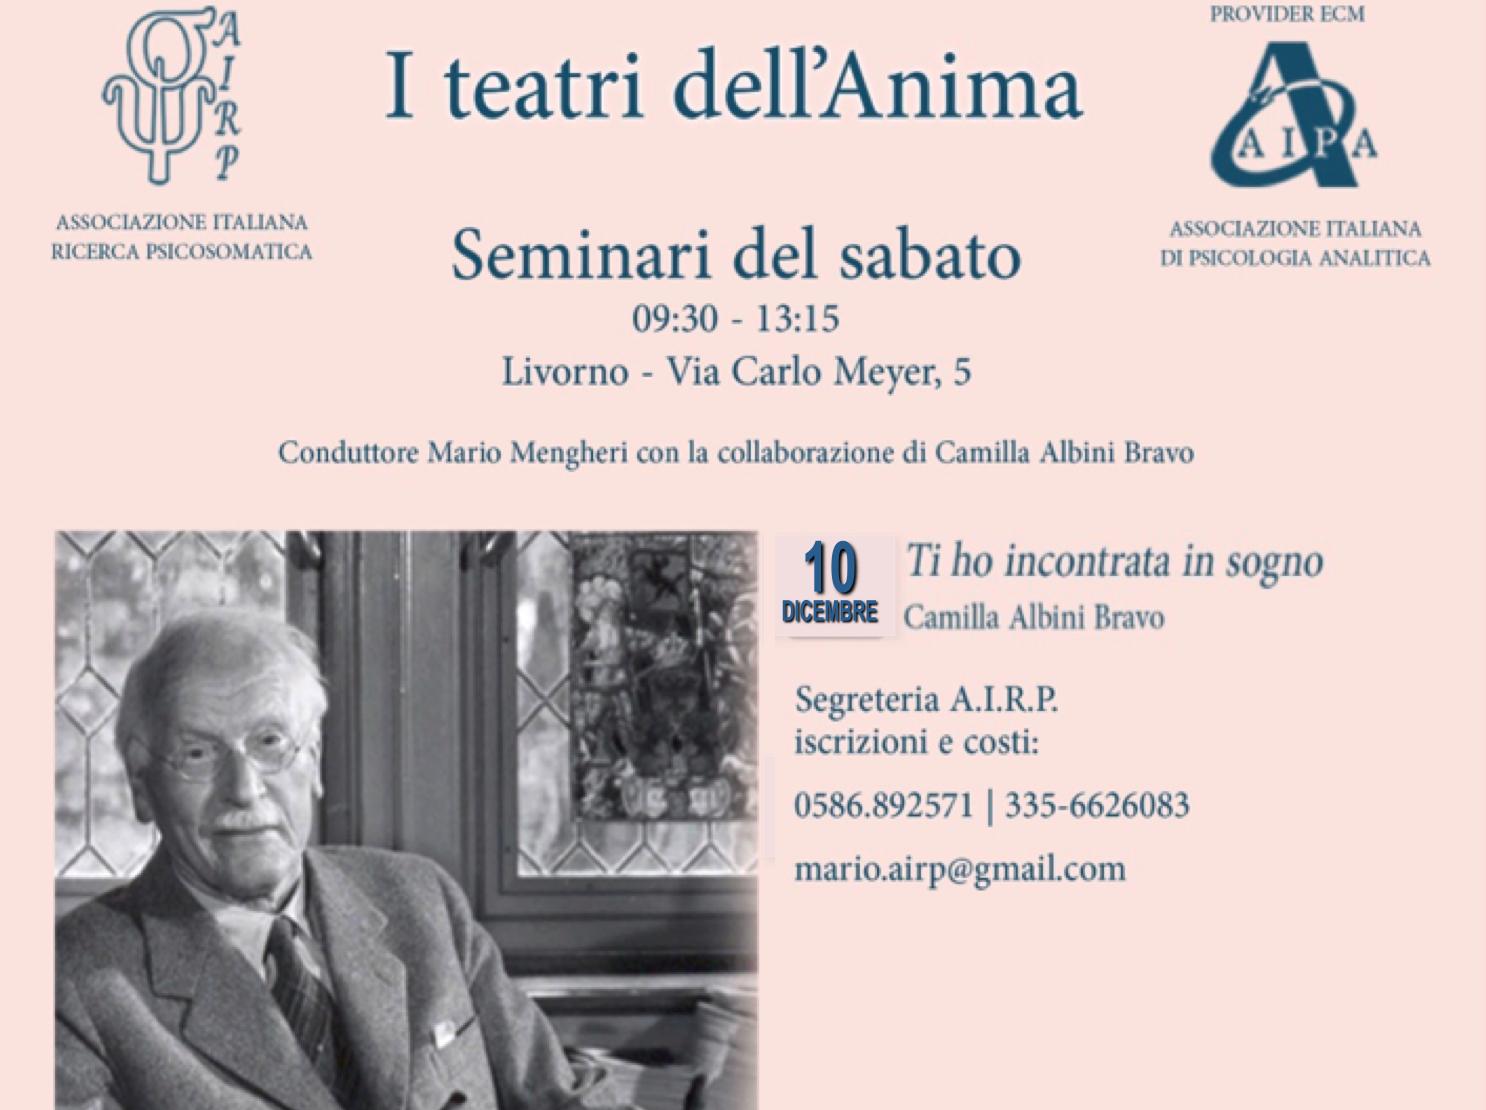 Mario Mengheri - Psicologo Psicoterapeuta Psicoanalista Livorno - Laboratori - I Teatri Dell Anima - Seminari del Sabato